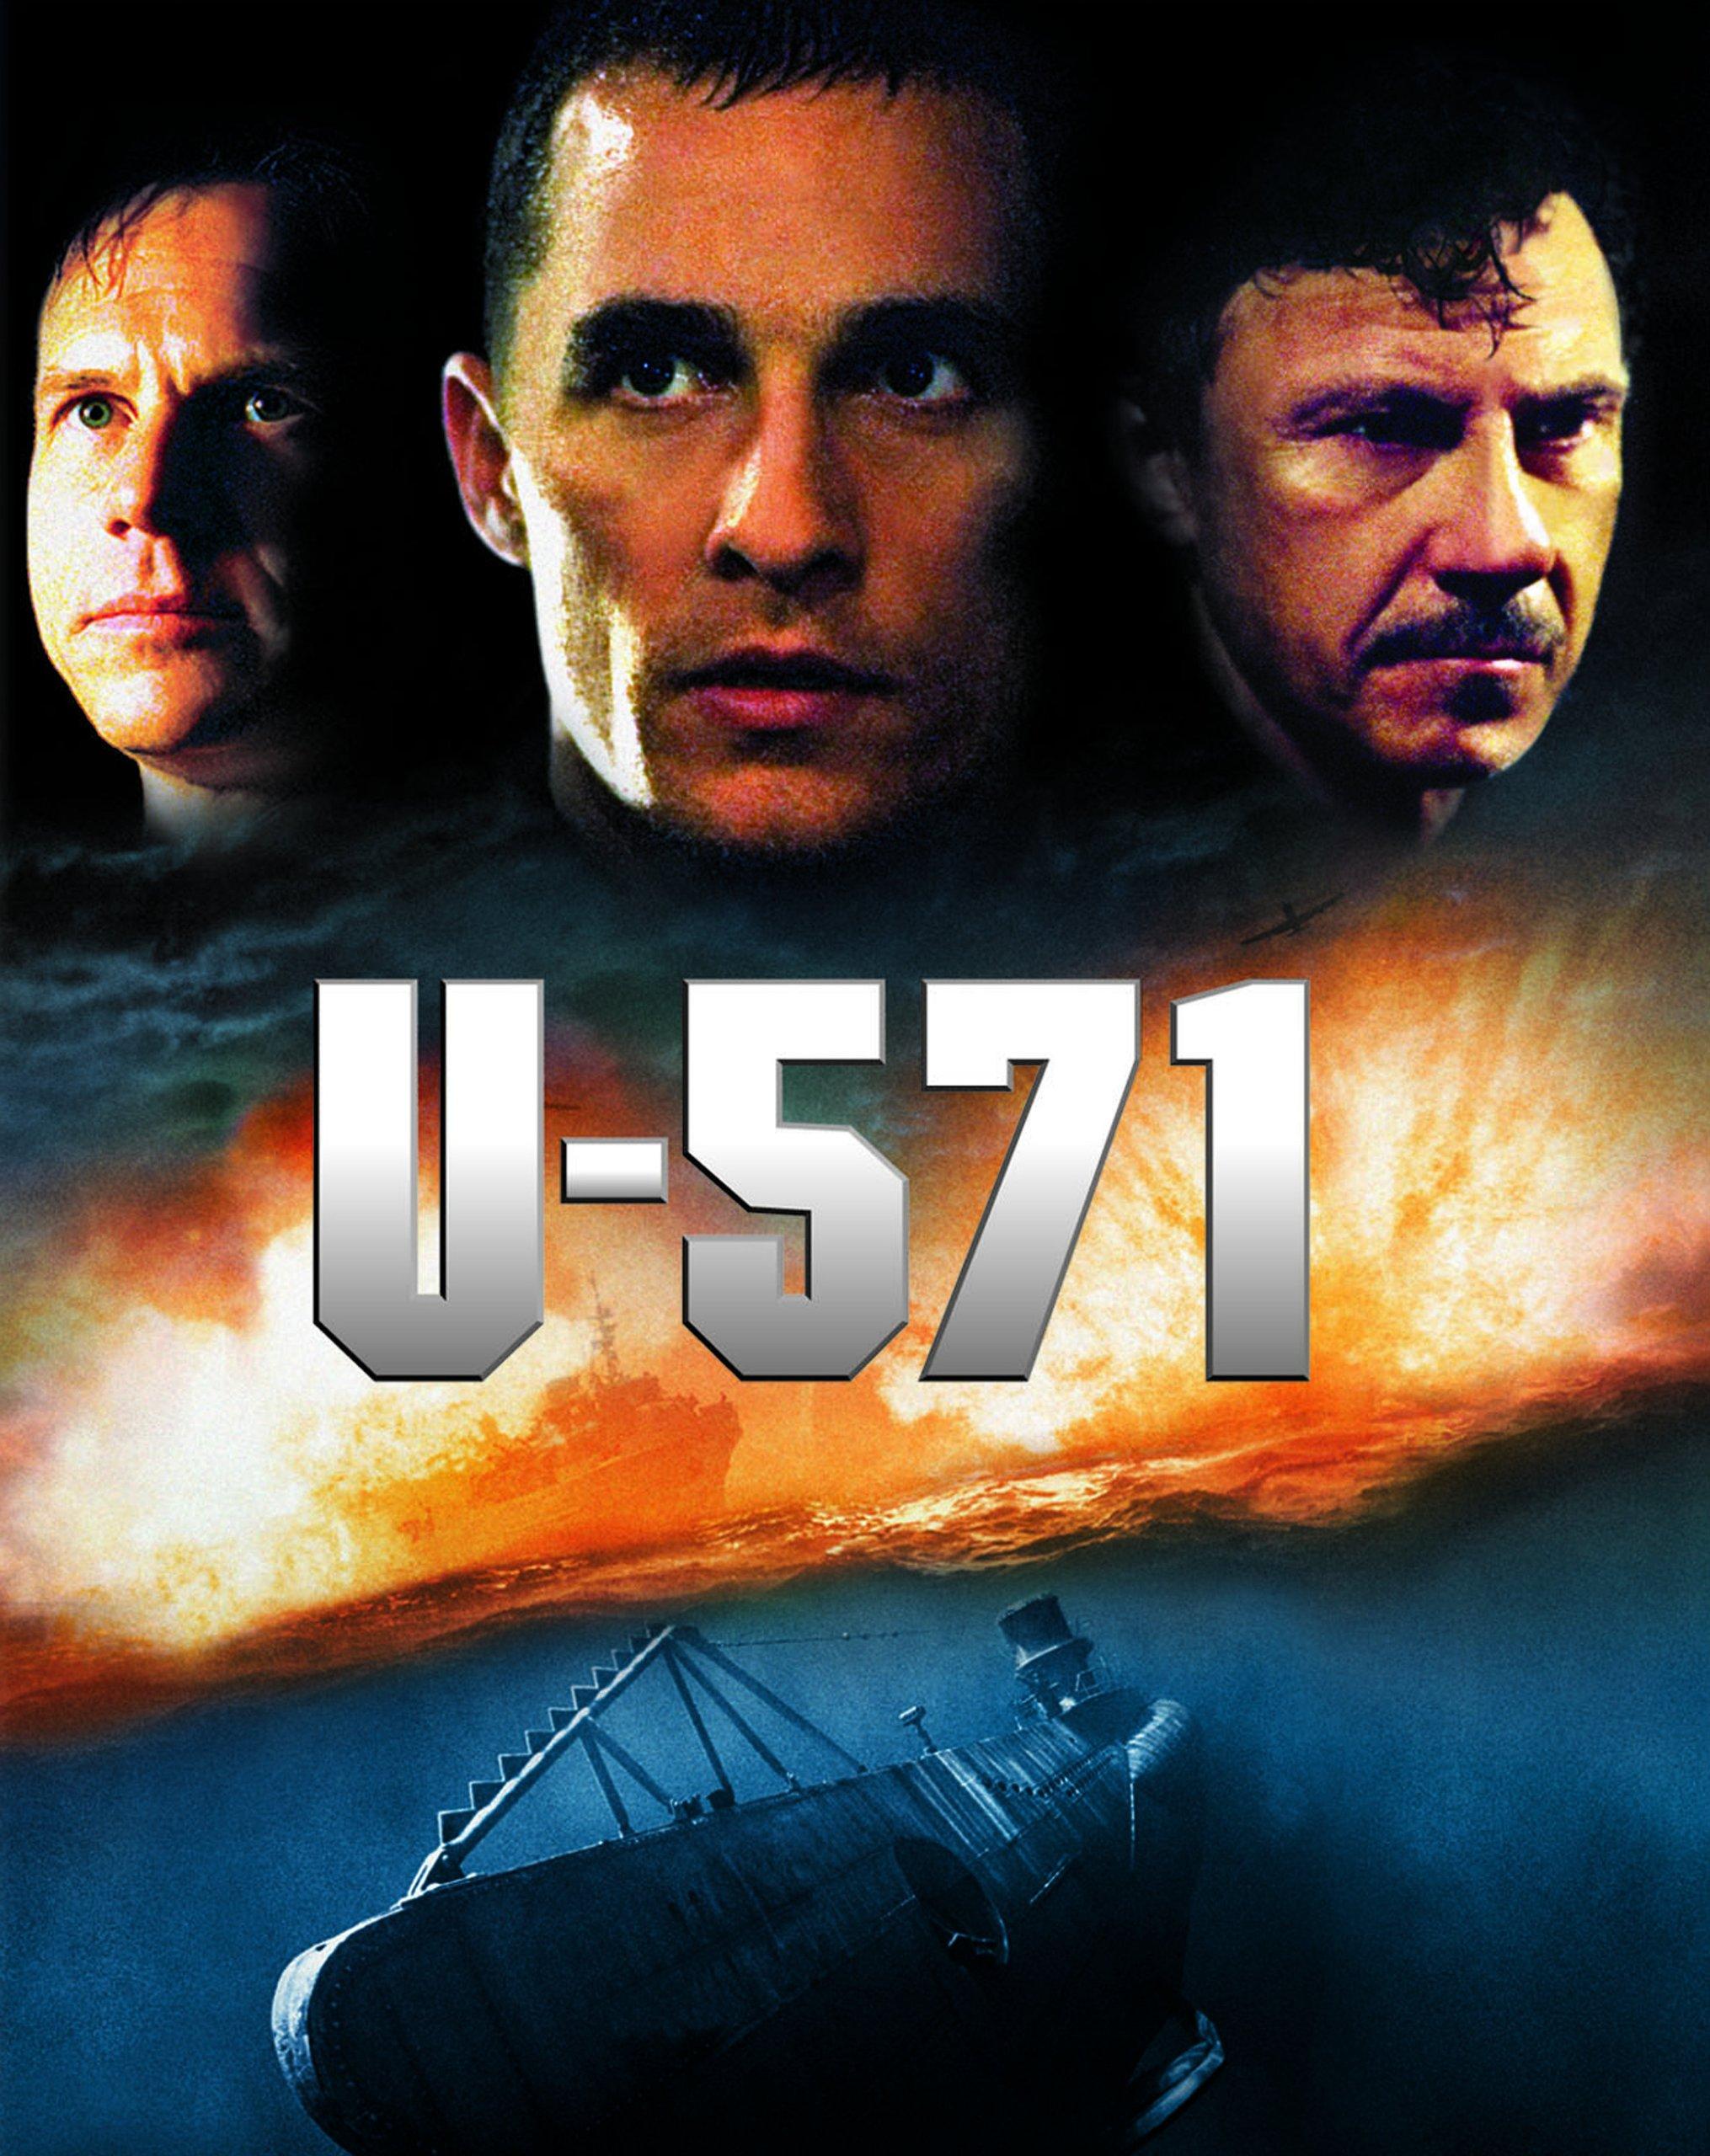 Image result for u571 movie